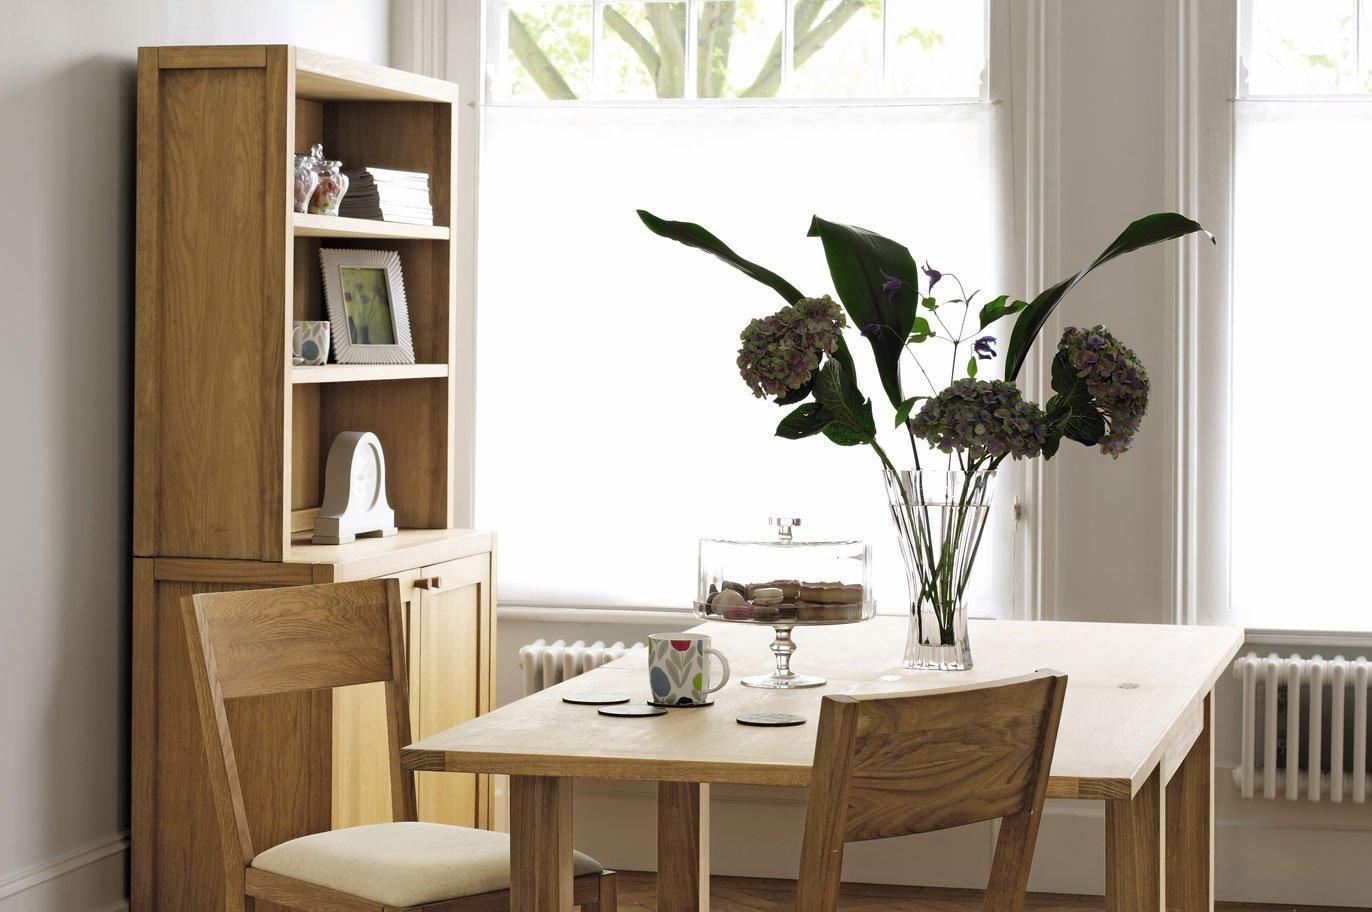 Decoracion muebles de cocina free with decoracion muebles for Decoracion muebles cocina